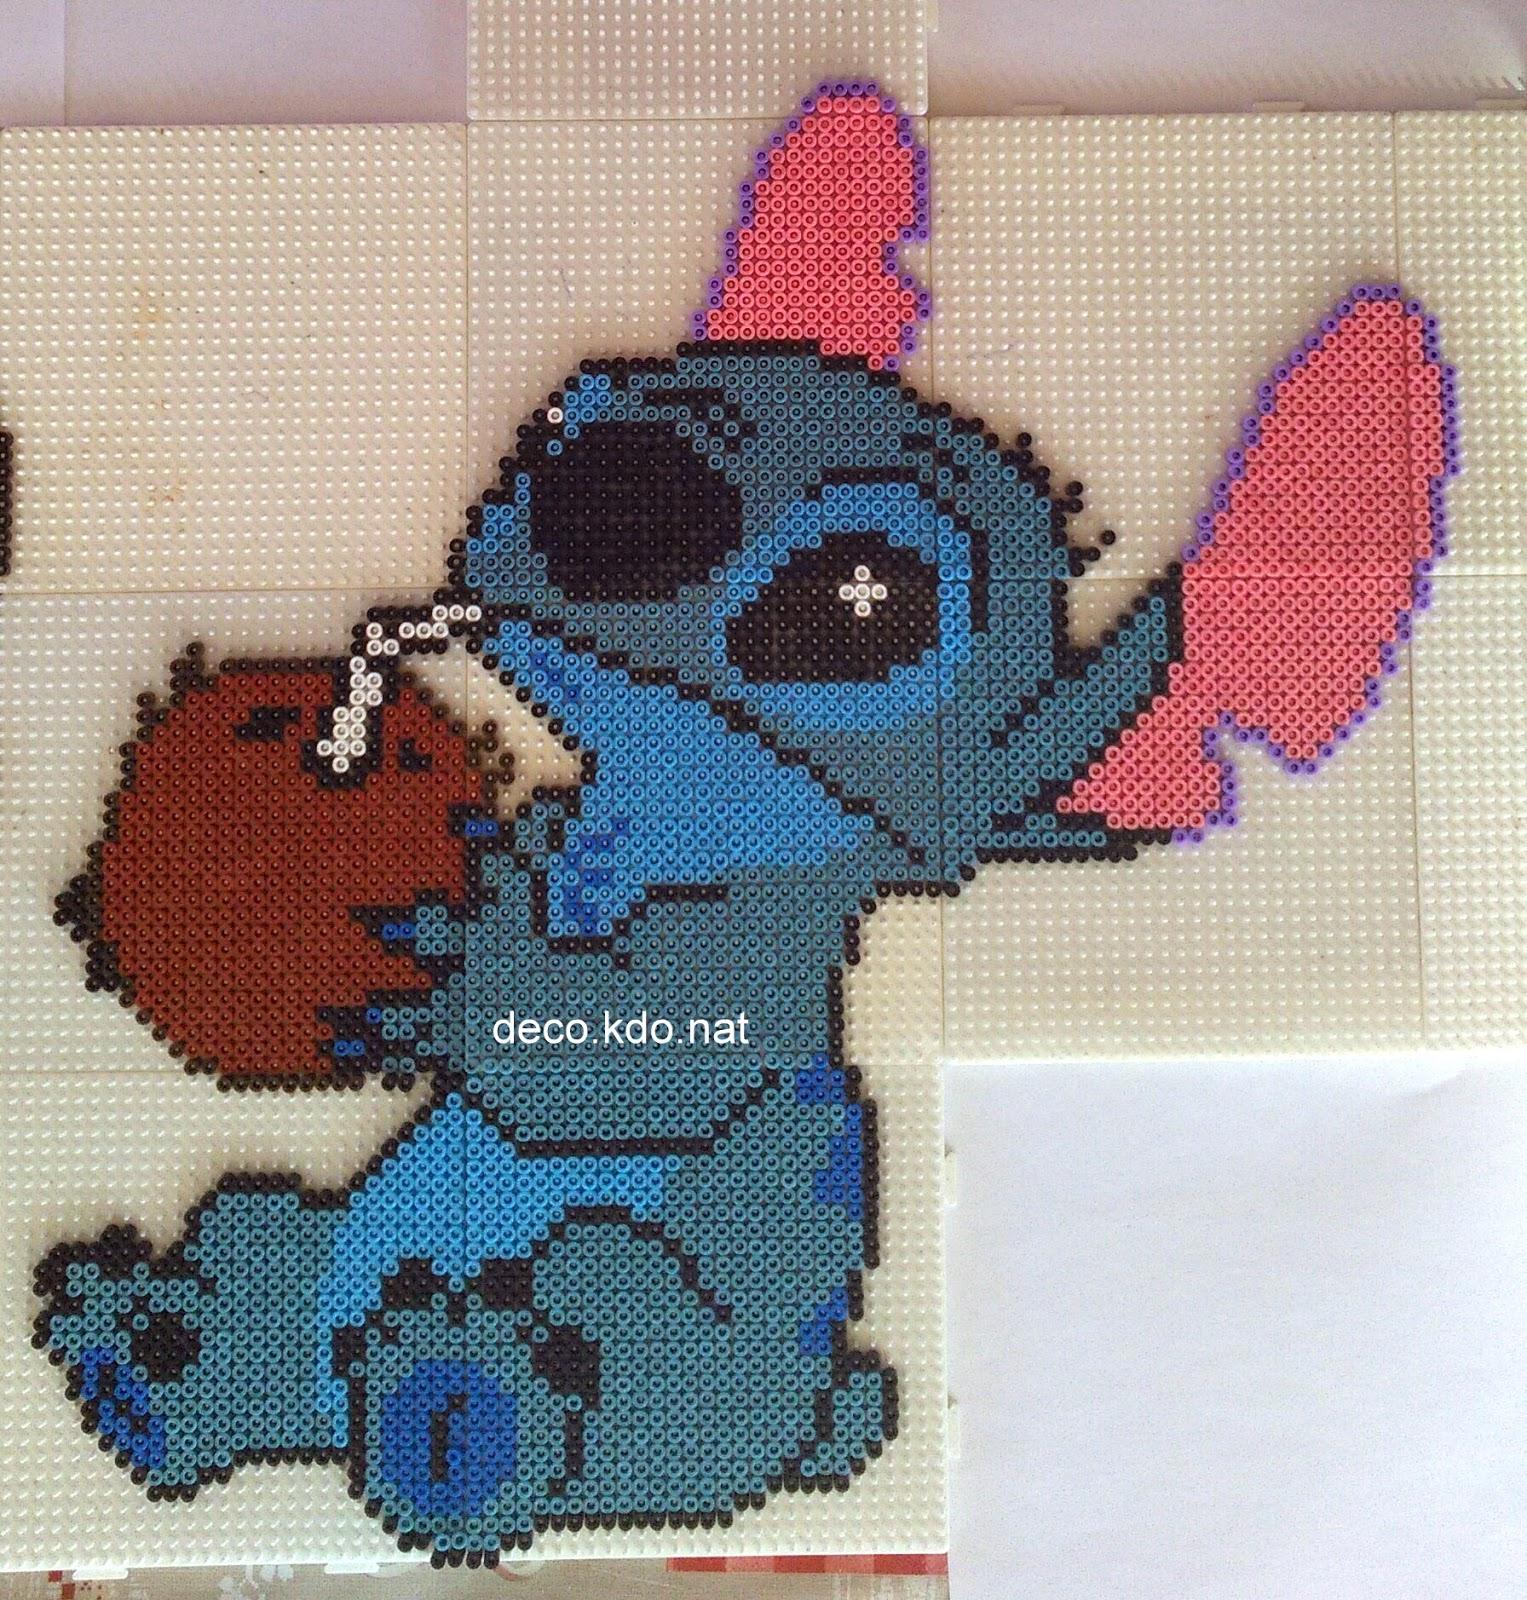 modele perle a repasser stitch